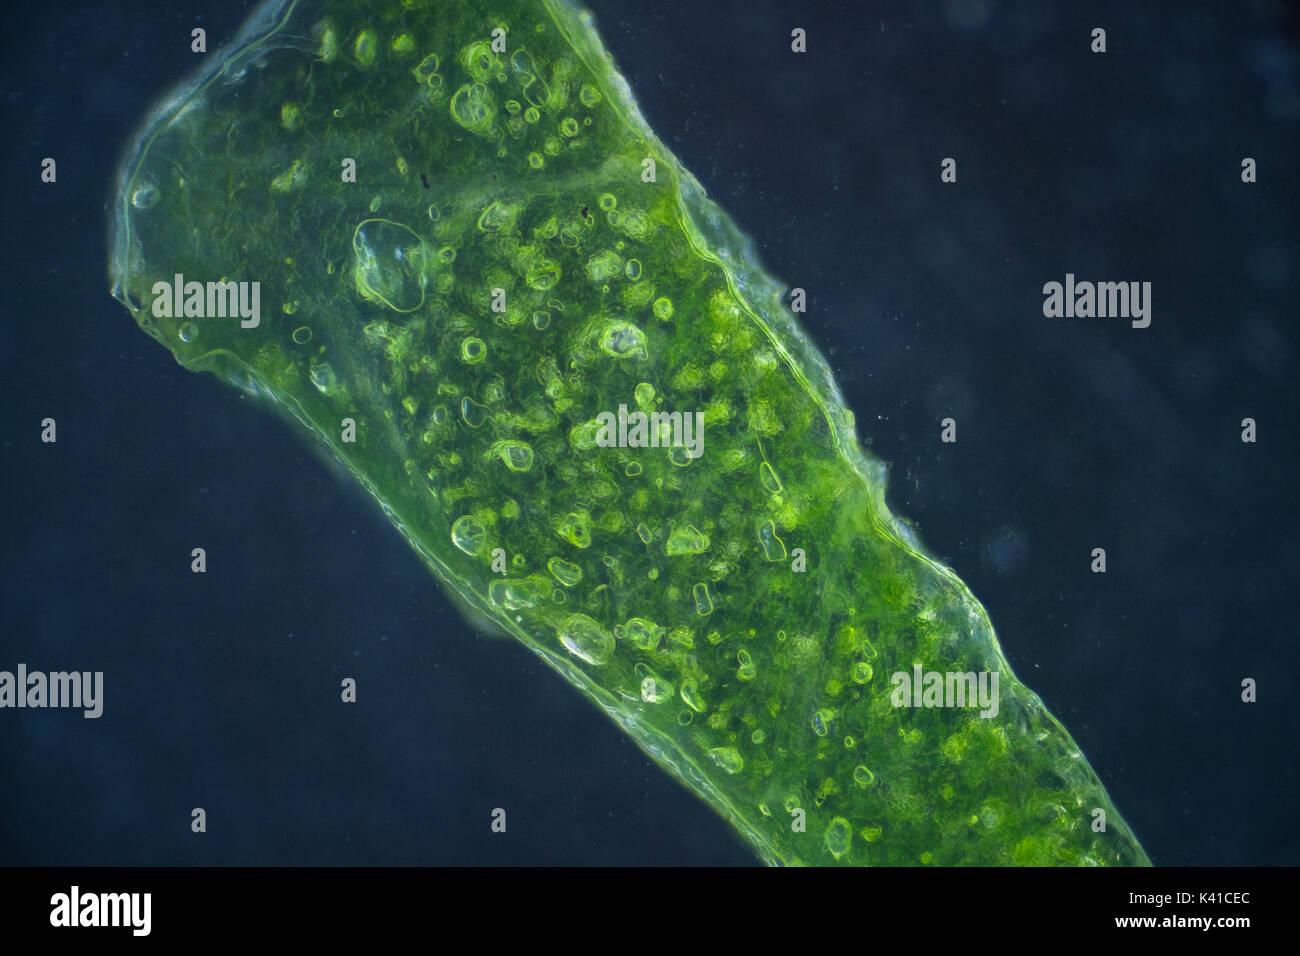 Lettuce cells under microscope, magnification x 100 dark field technique Stock Photo